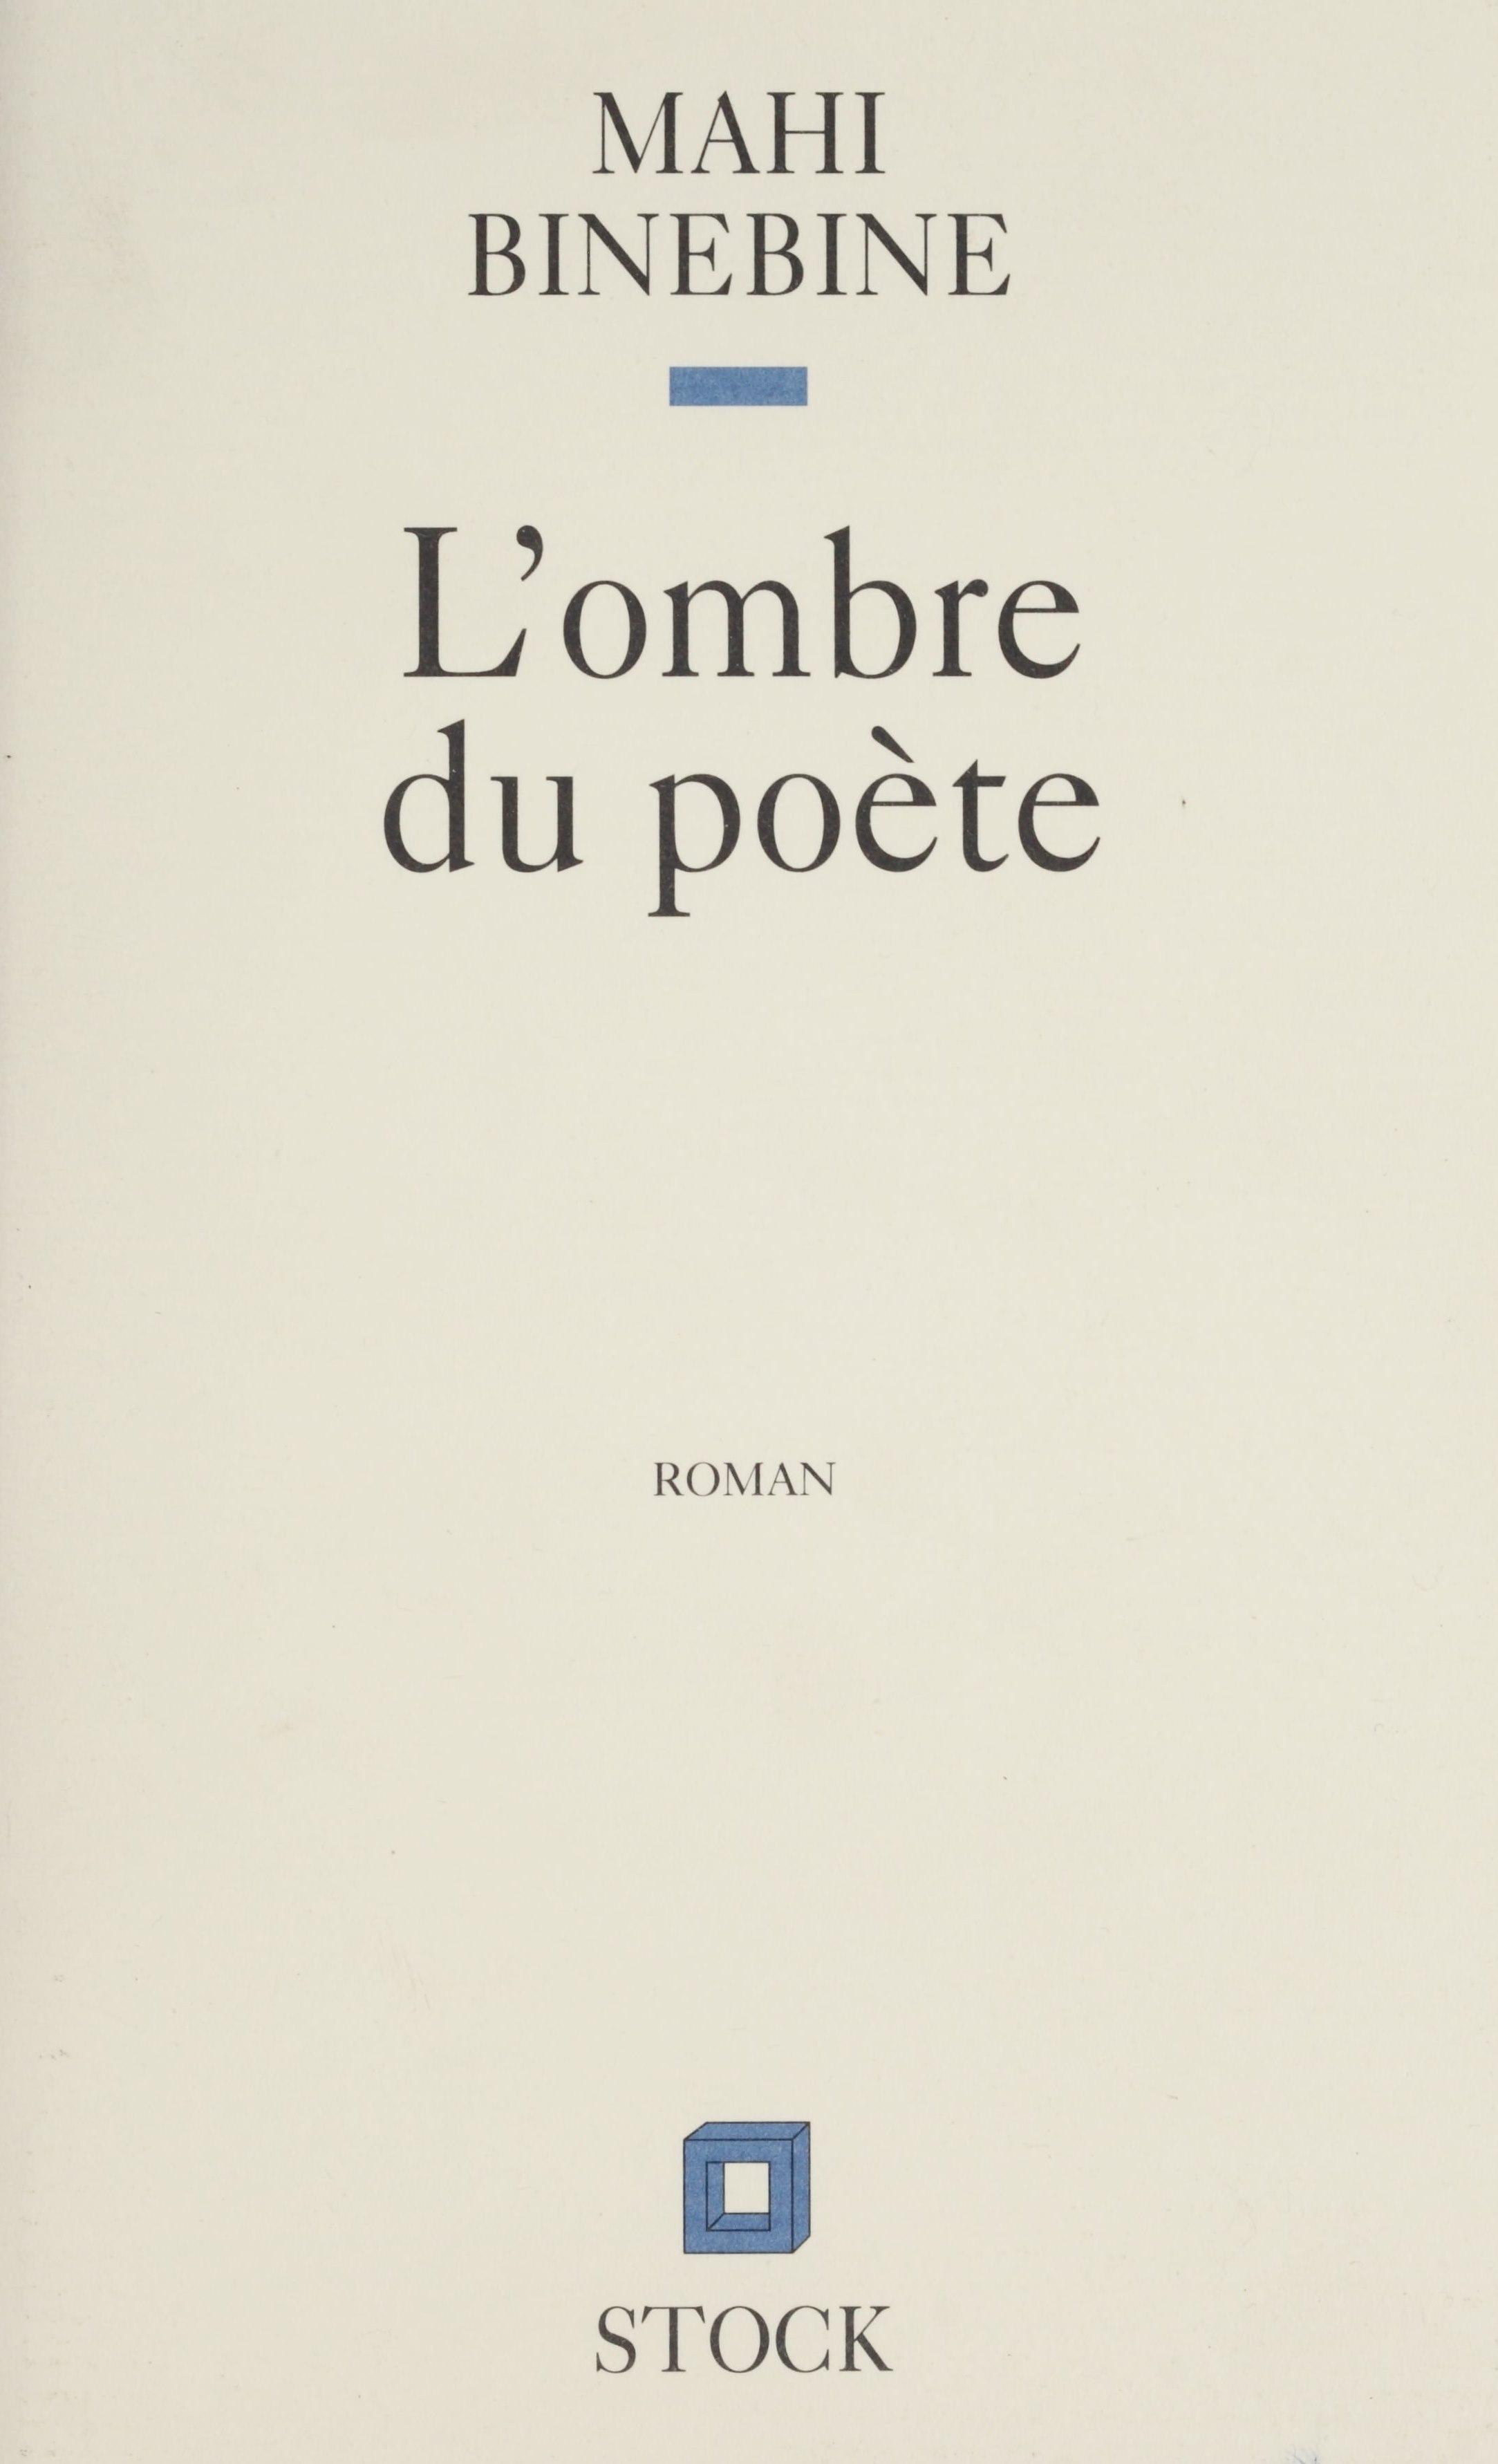 L'Ombre du poète